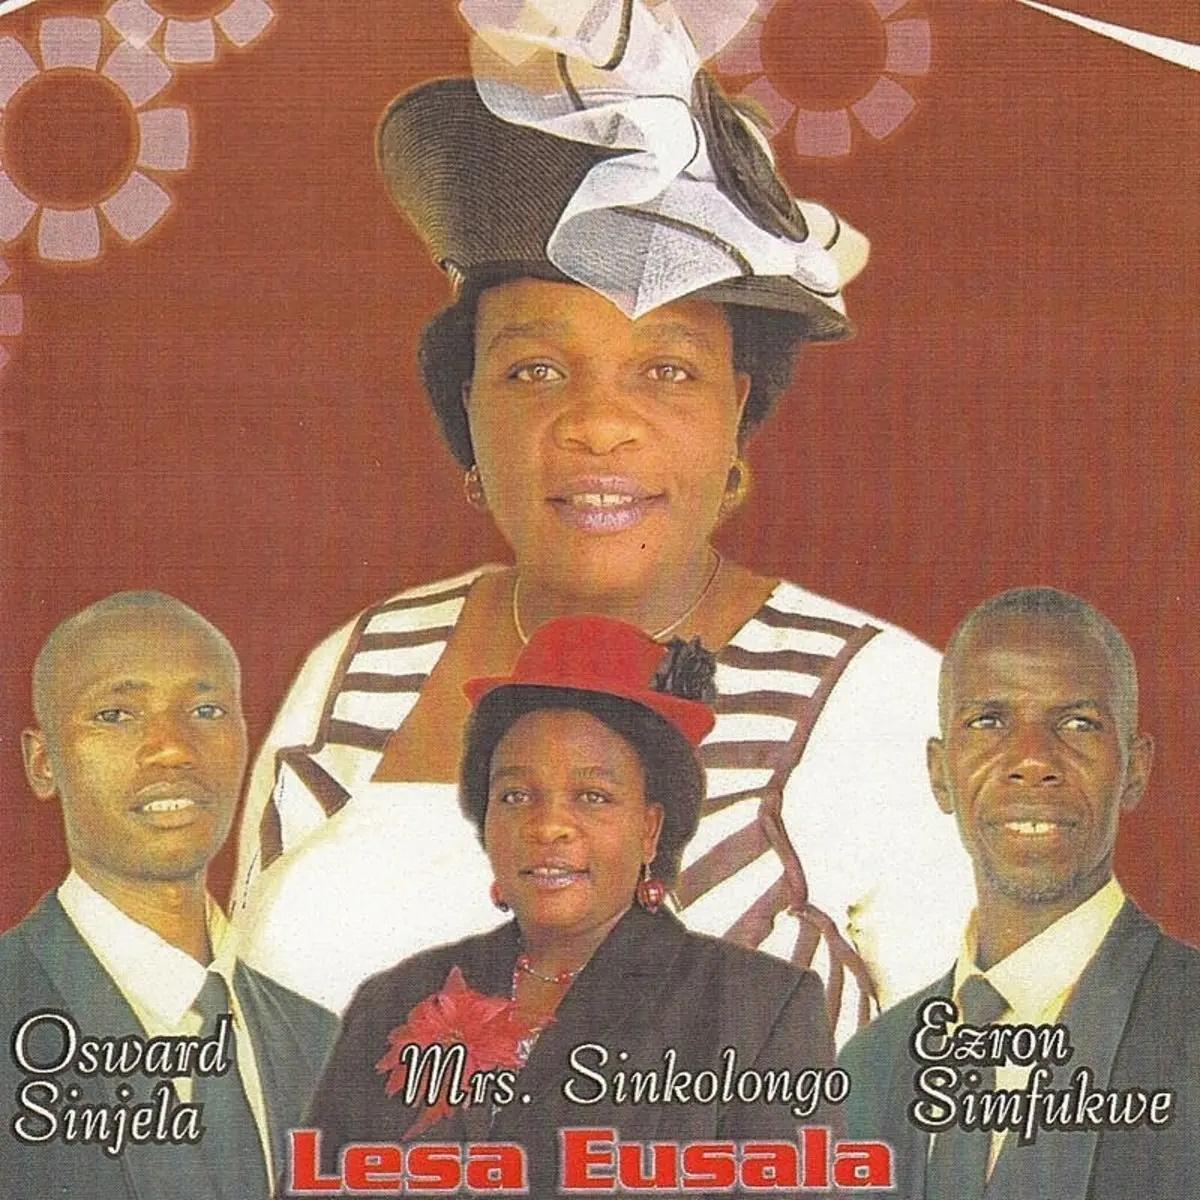 Ezron Simfukwe